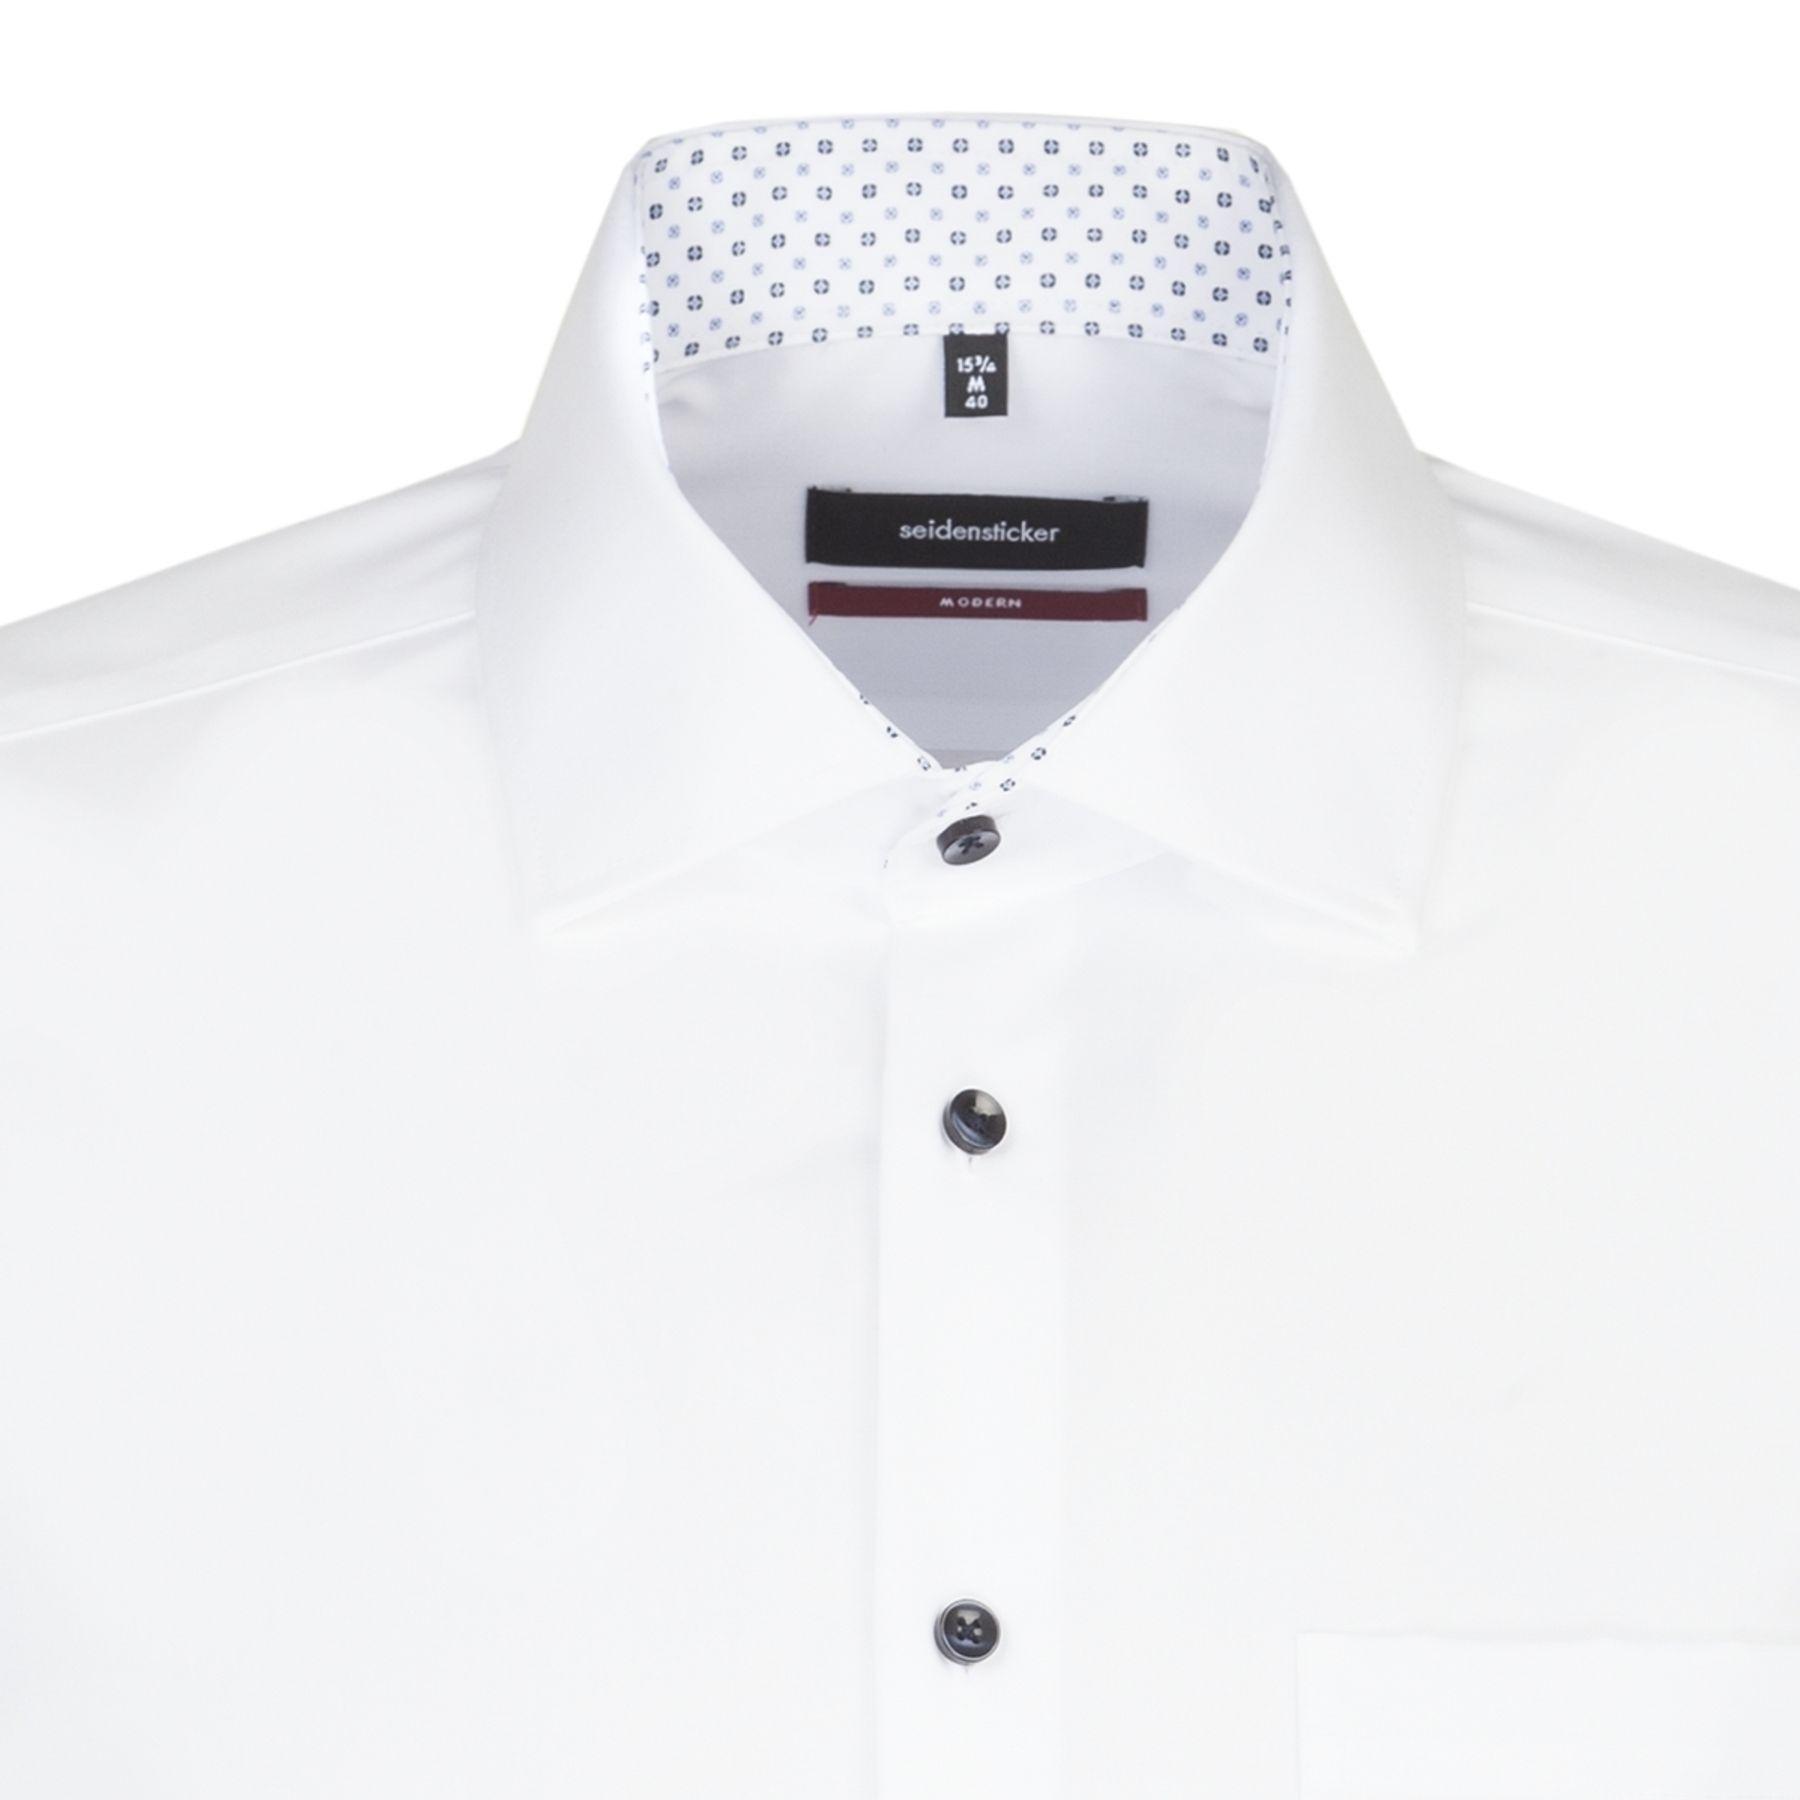 Seidensticker - Herren Hemd, Bügelfrei, Modern, Schwarze Rose mit Kent Kragen in Weiß (01.115950) – Bild 4